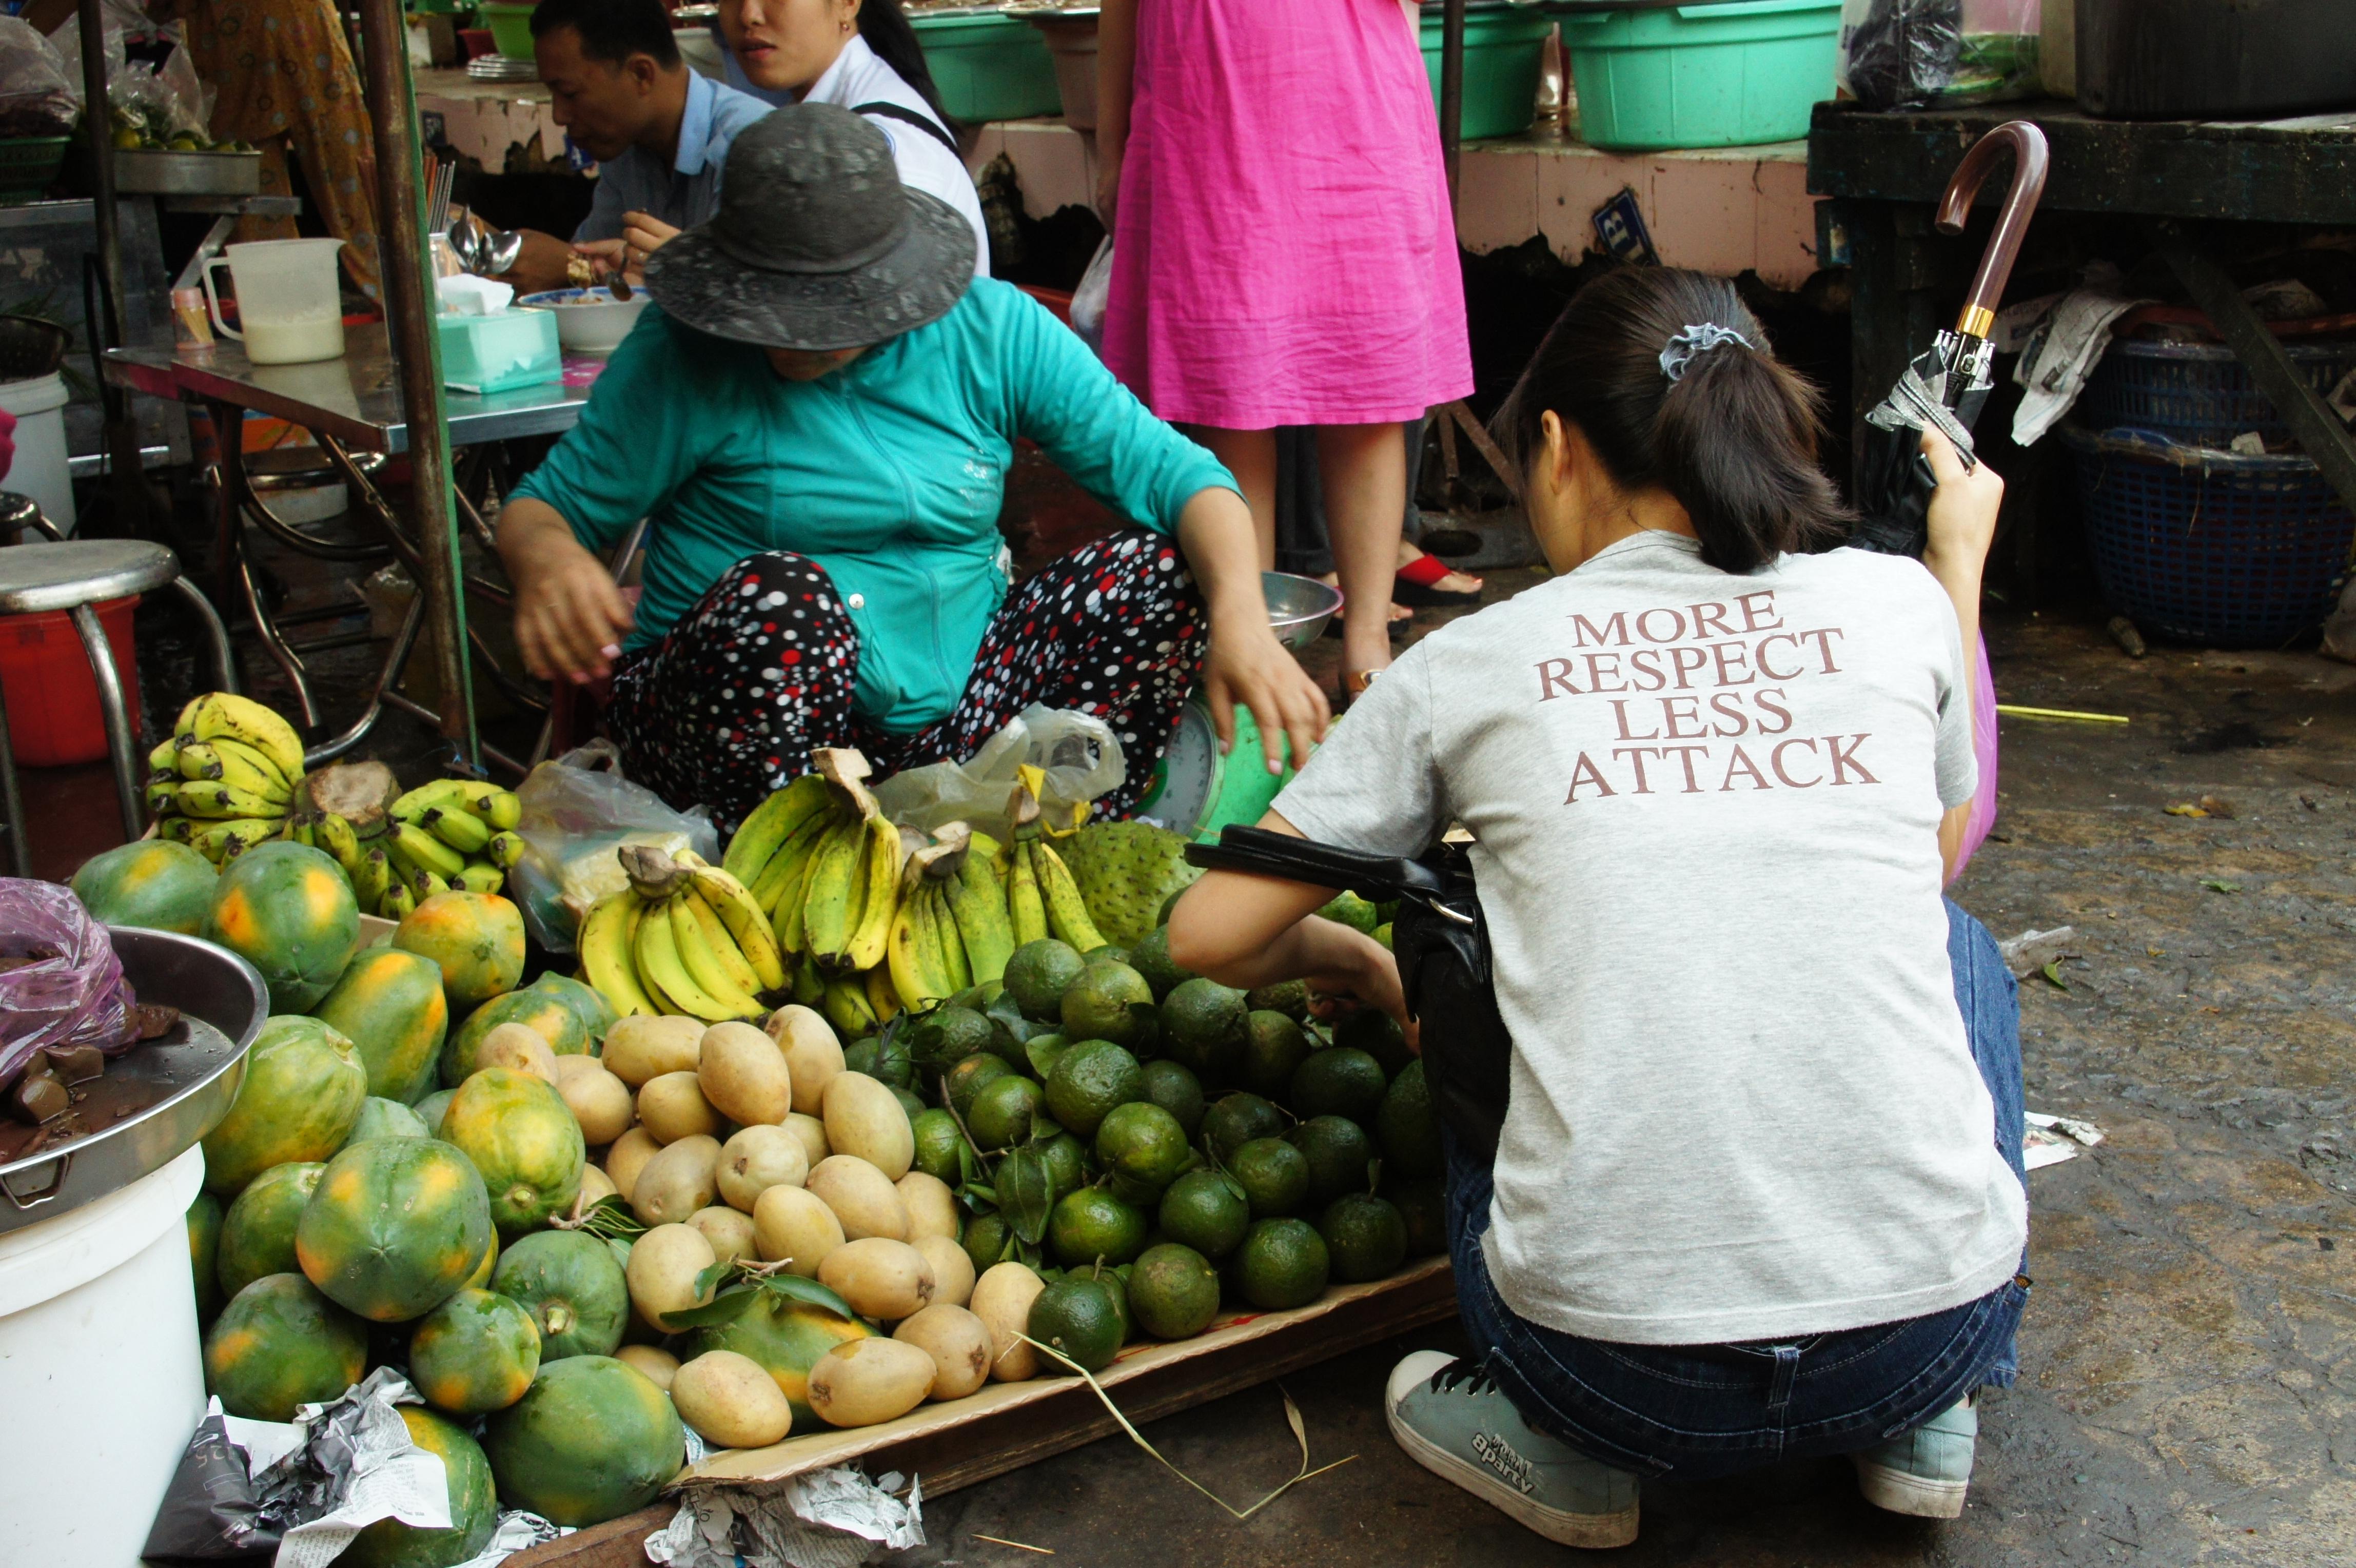 Les fruits ont une saveur incroyable en Asie